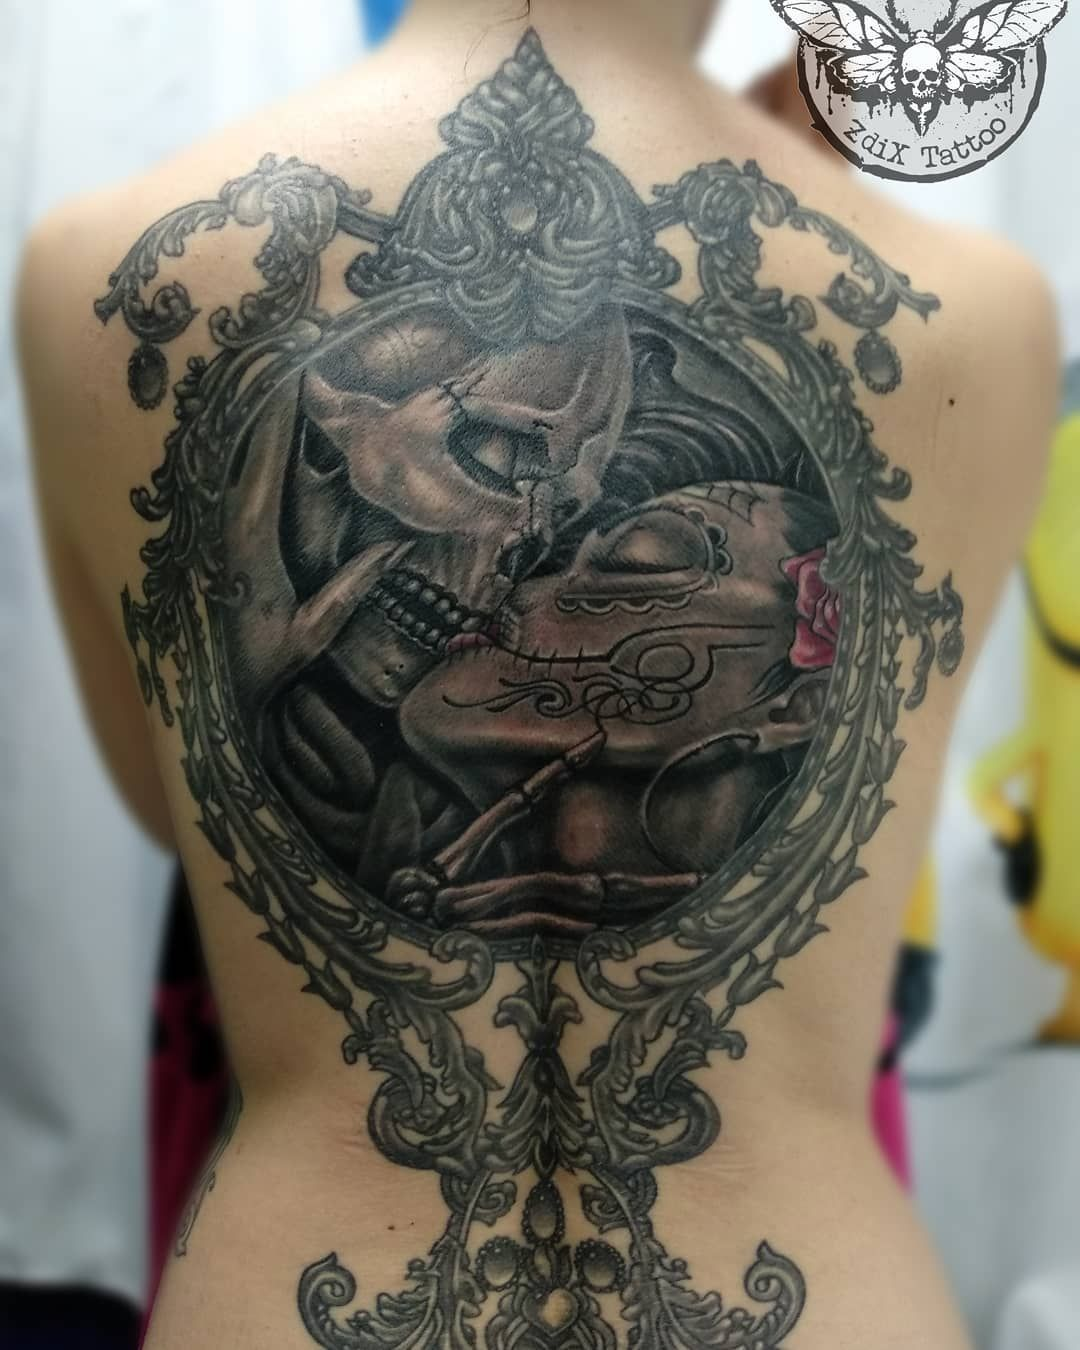 Zdix Tattoo💀 в Instagram: «#zdixtattoo #stasurarotary #markecopharm #tattoo #tattoos  #tattooart #tattooartist #tattooist #tattooink #tattoowork #tattooworkart…»